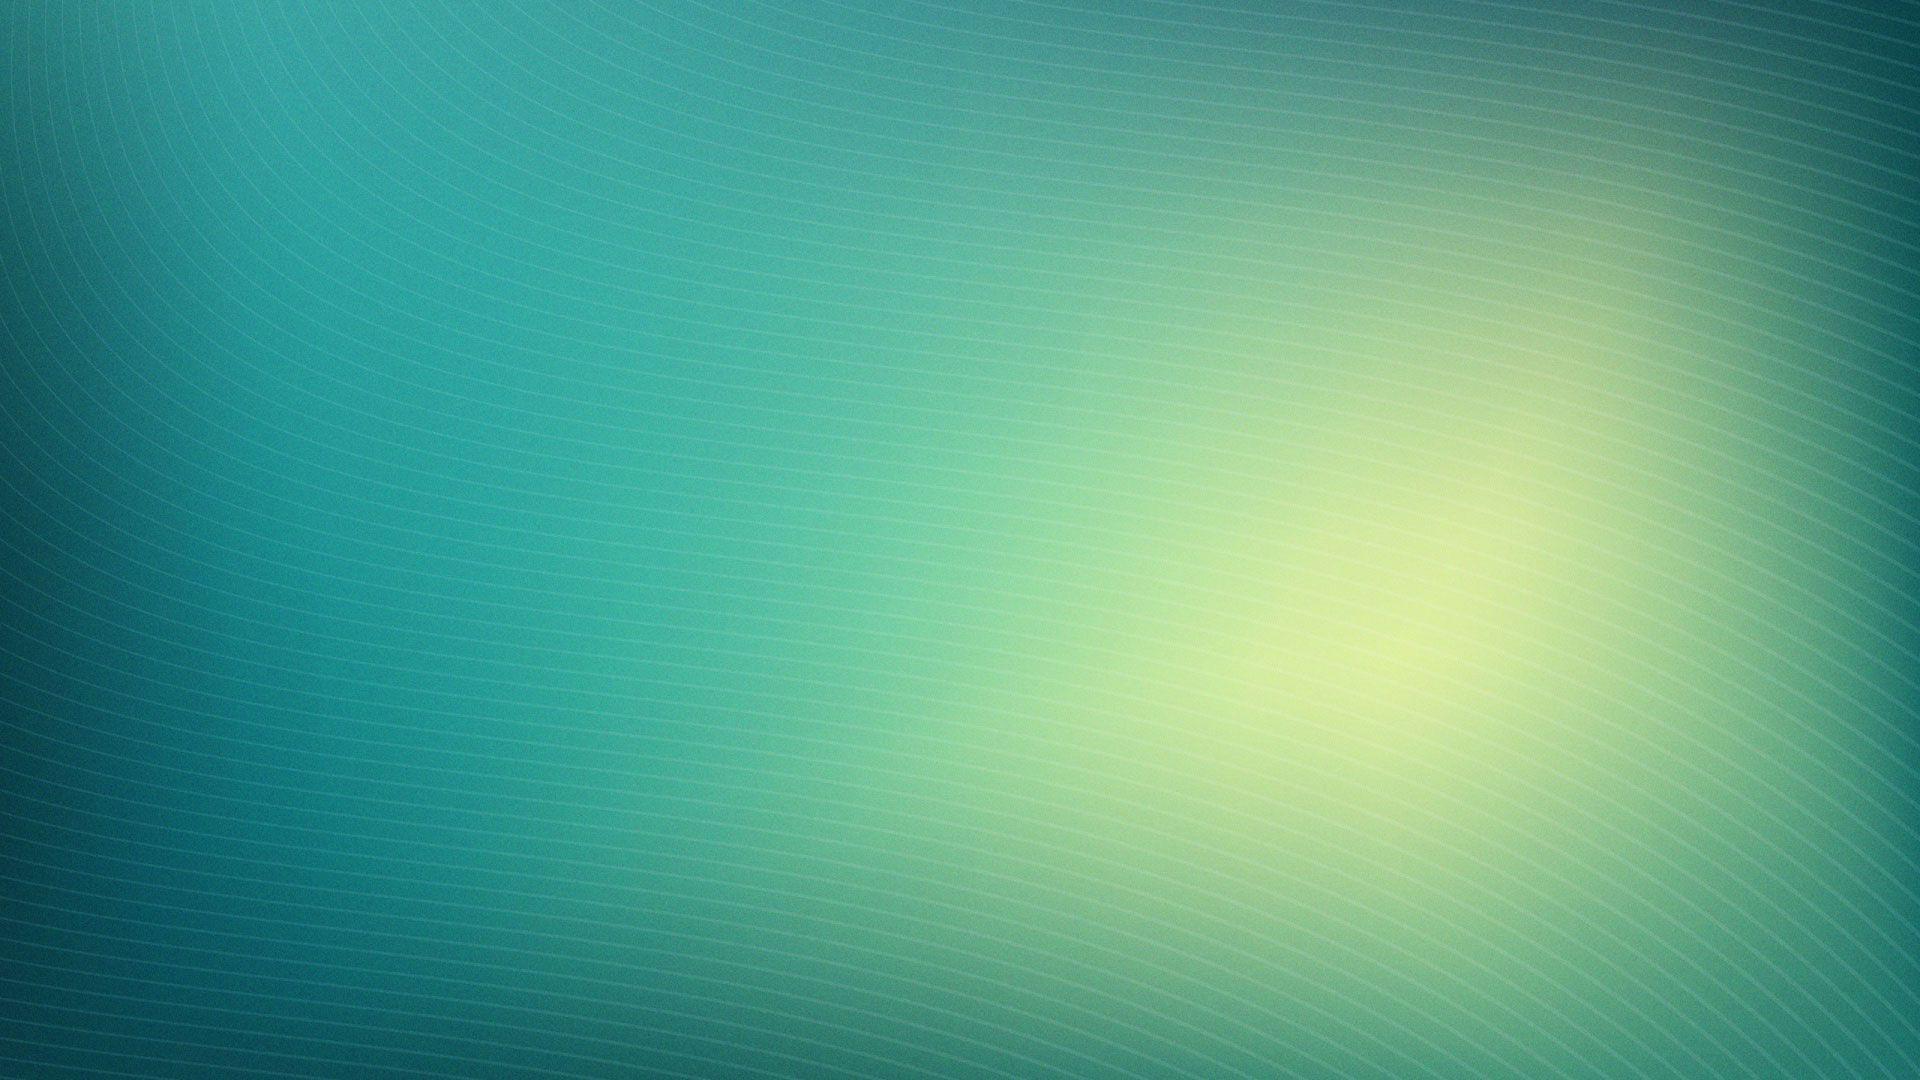 Best Background For Website desktop